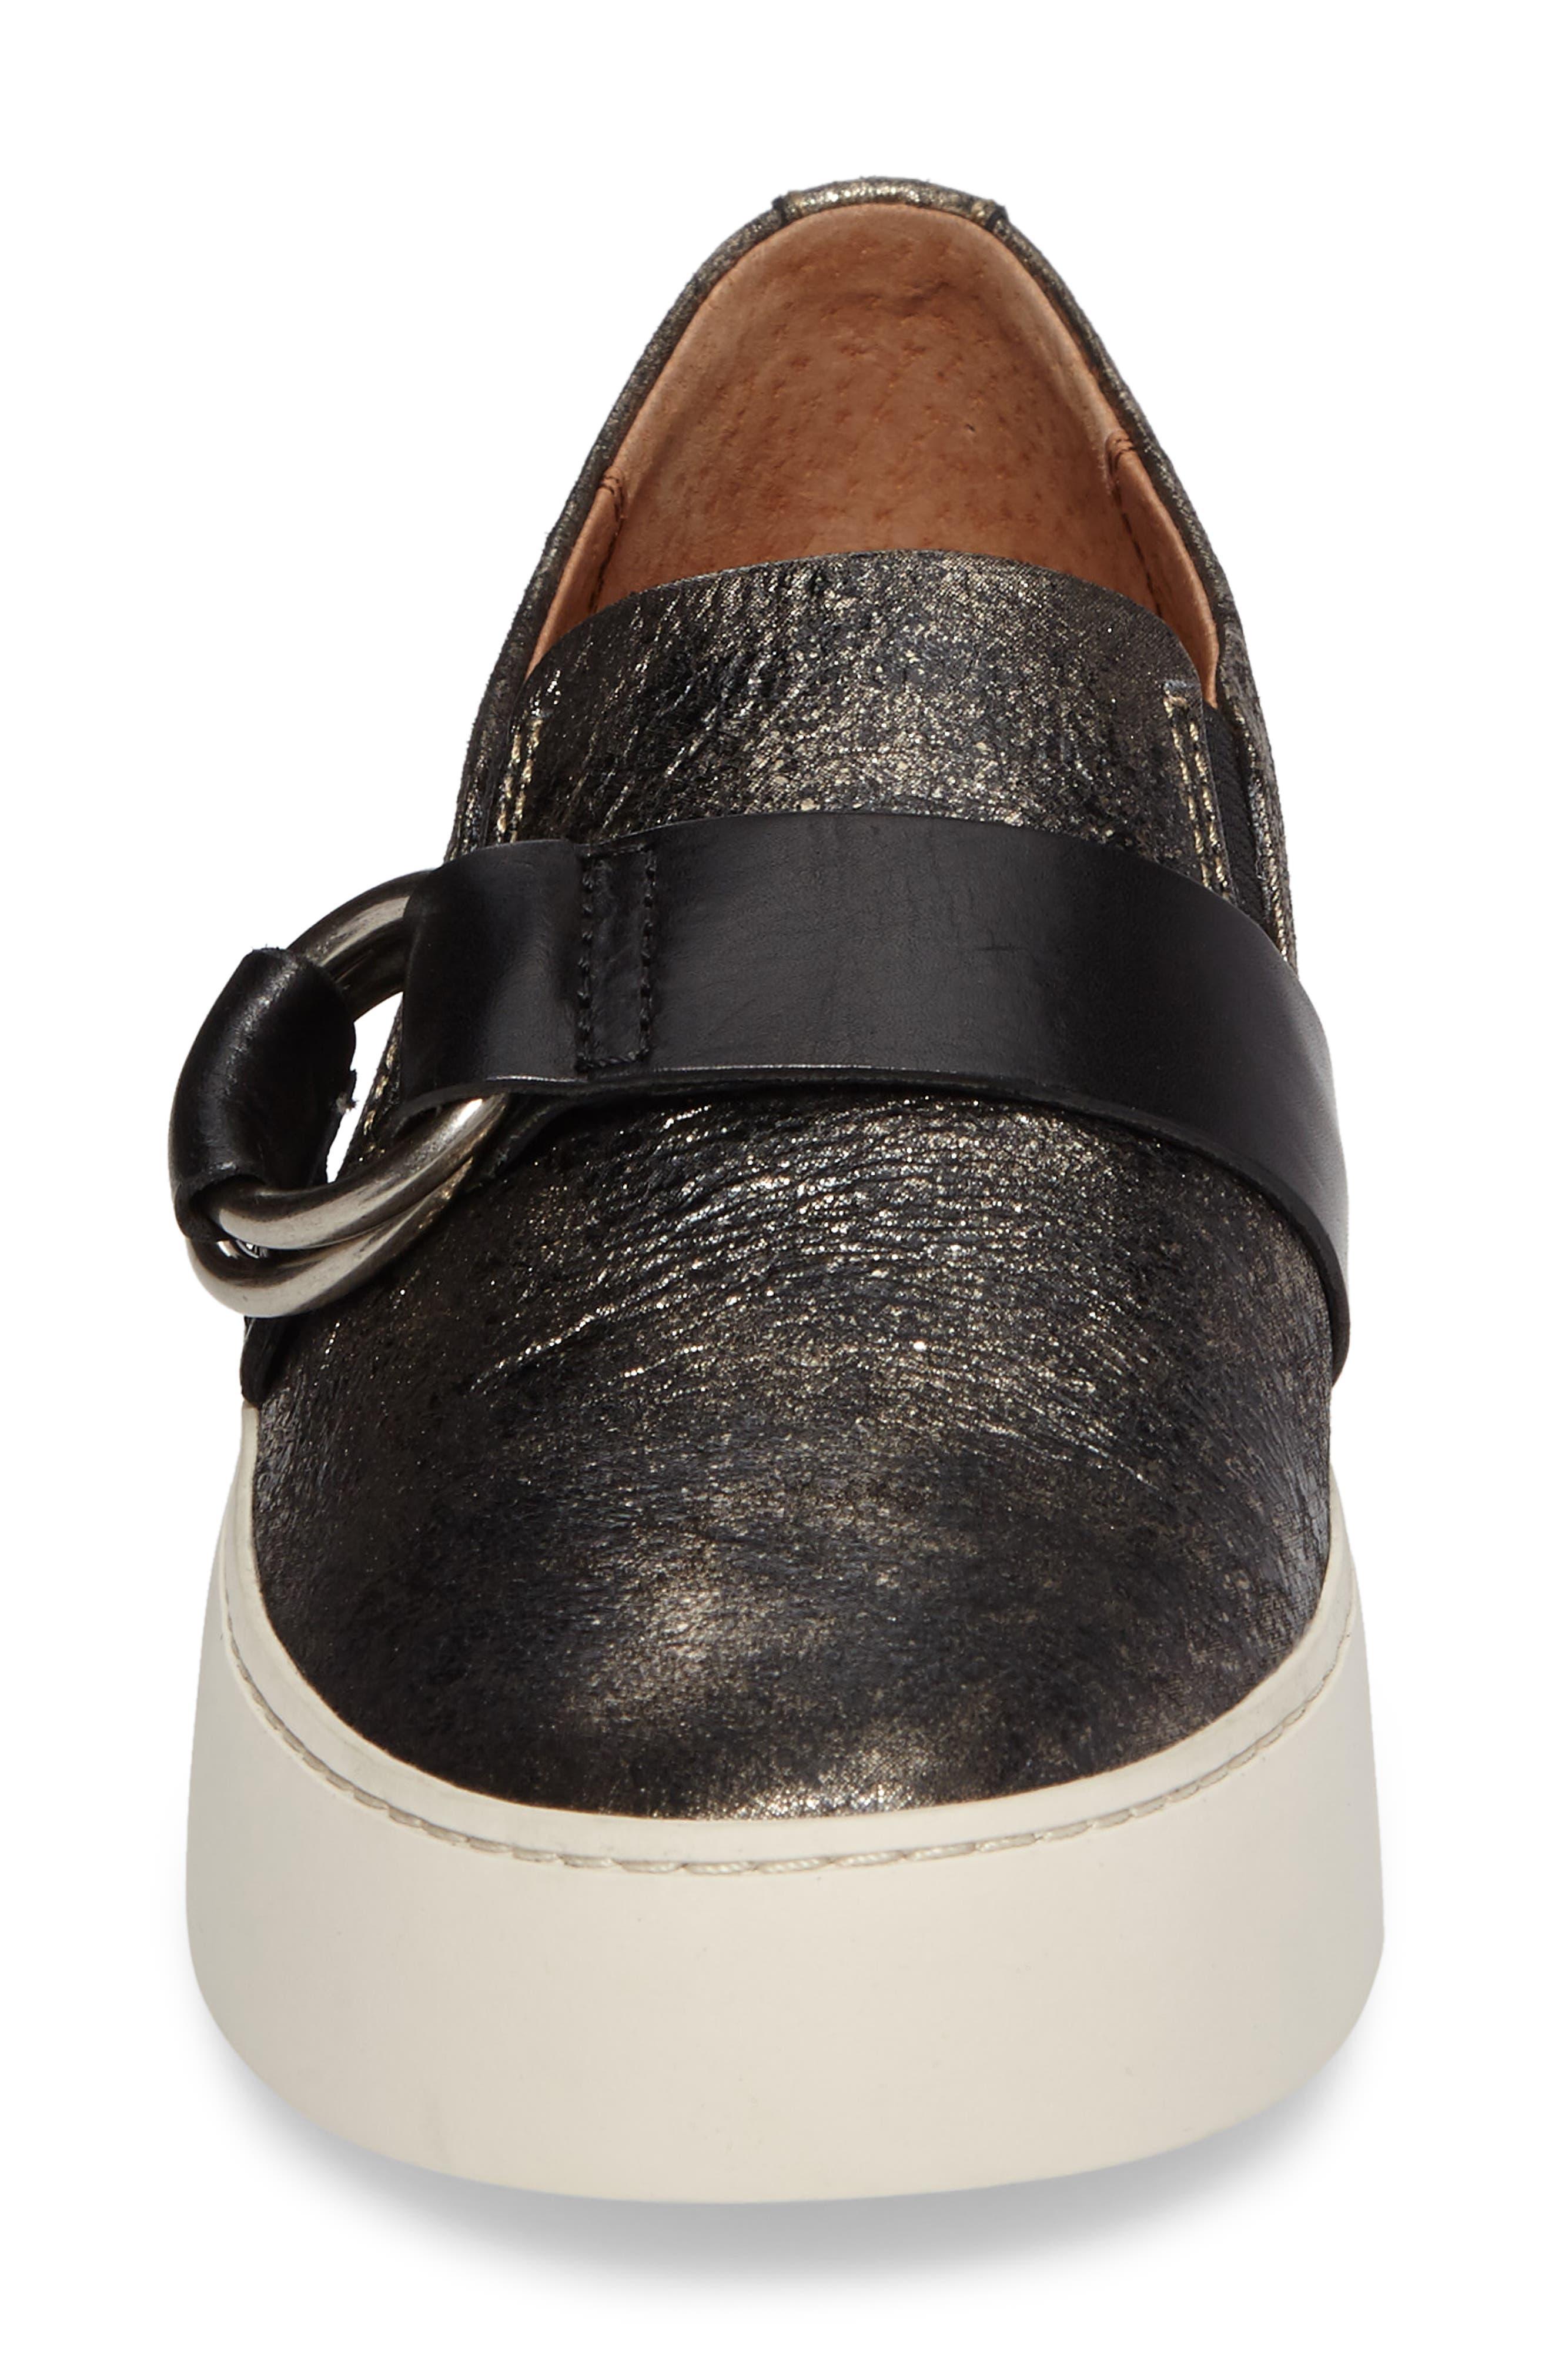 Lena Harness Slip-On Sneaker,                             Alternate thumbnail 4, color,                             Gunmetal